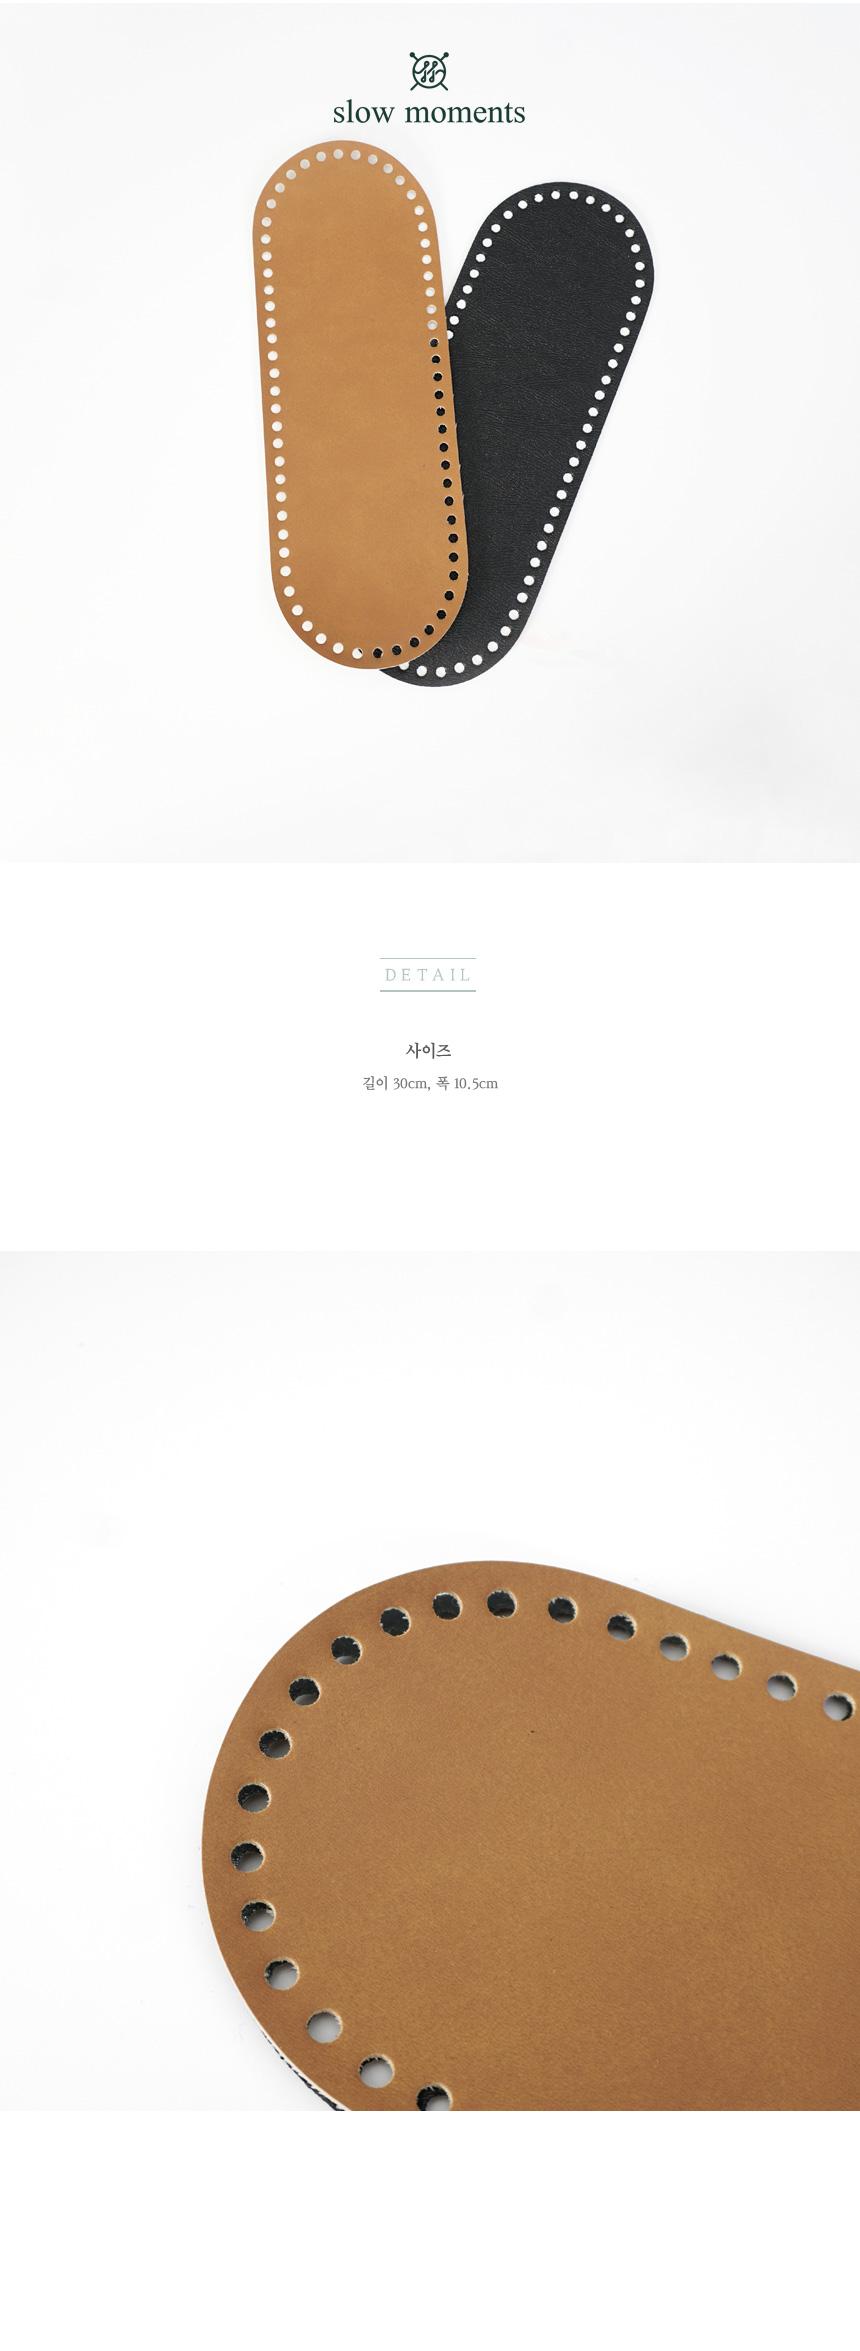 타원형 가방 바닥 대사이즈 브라운 - 슬로우모먼츠, 14,250원, 펠트공예, 가방끈/프레임/면끈